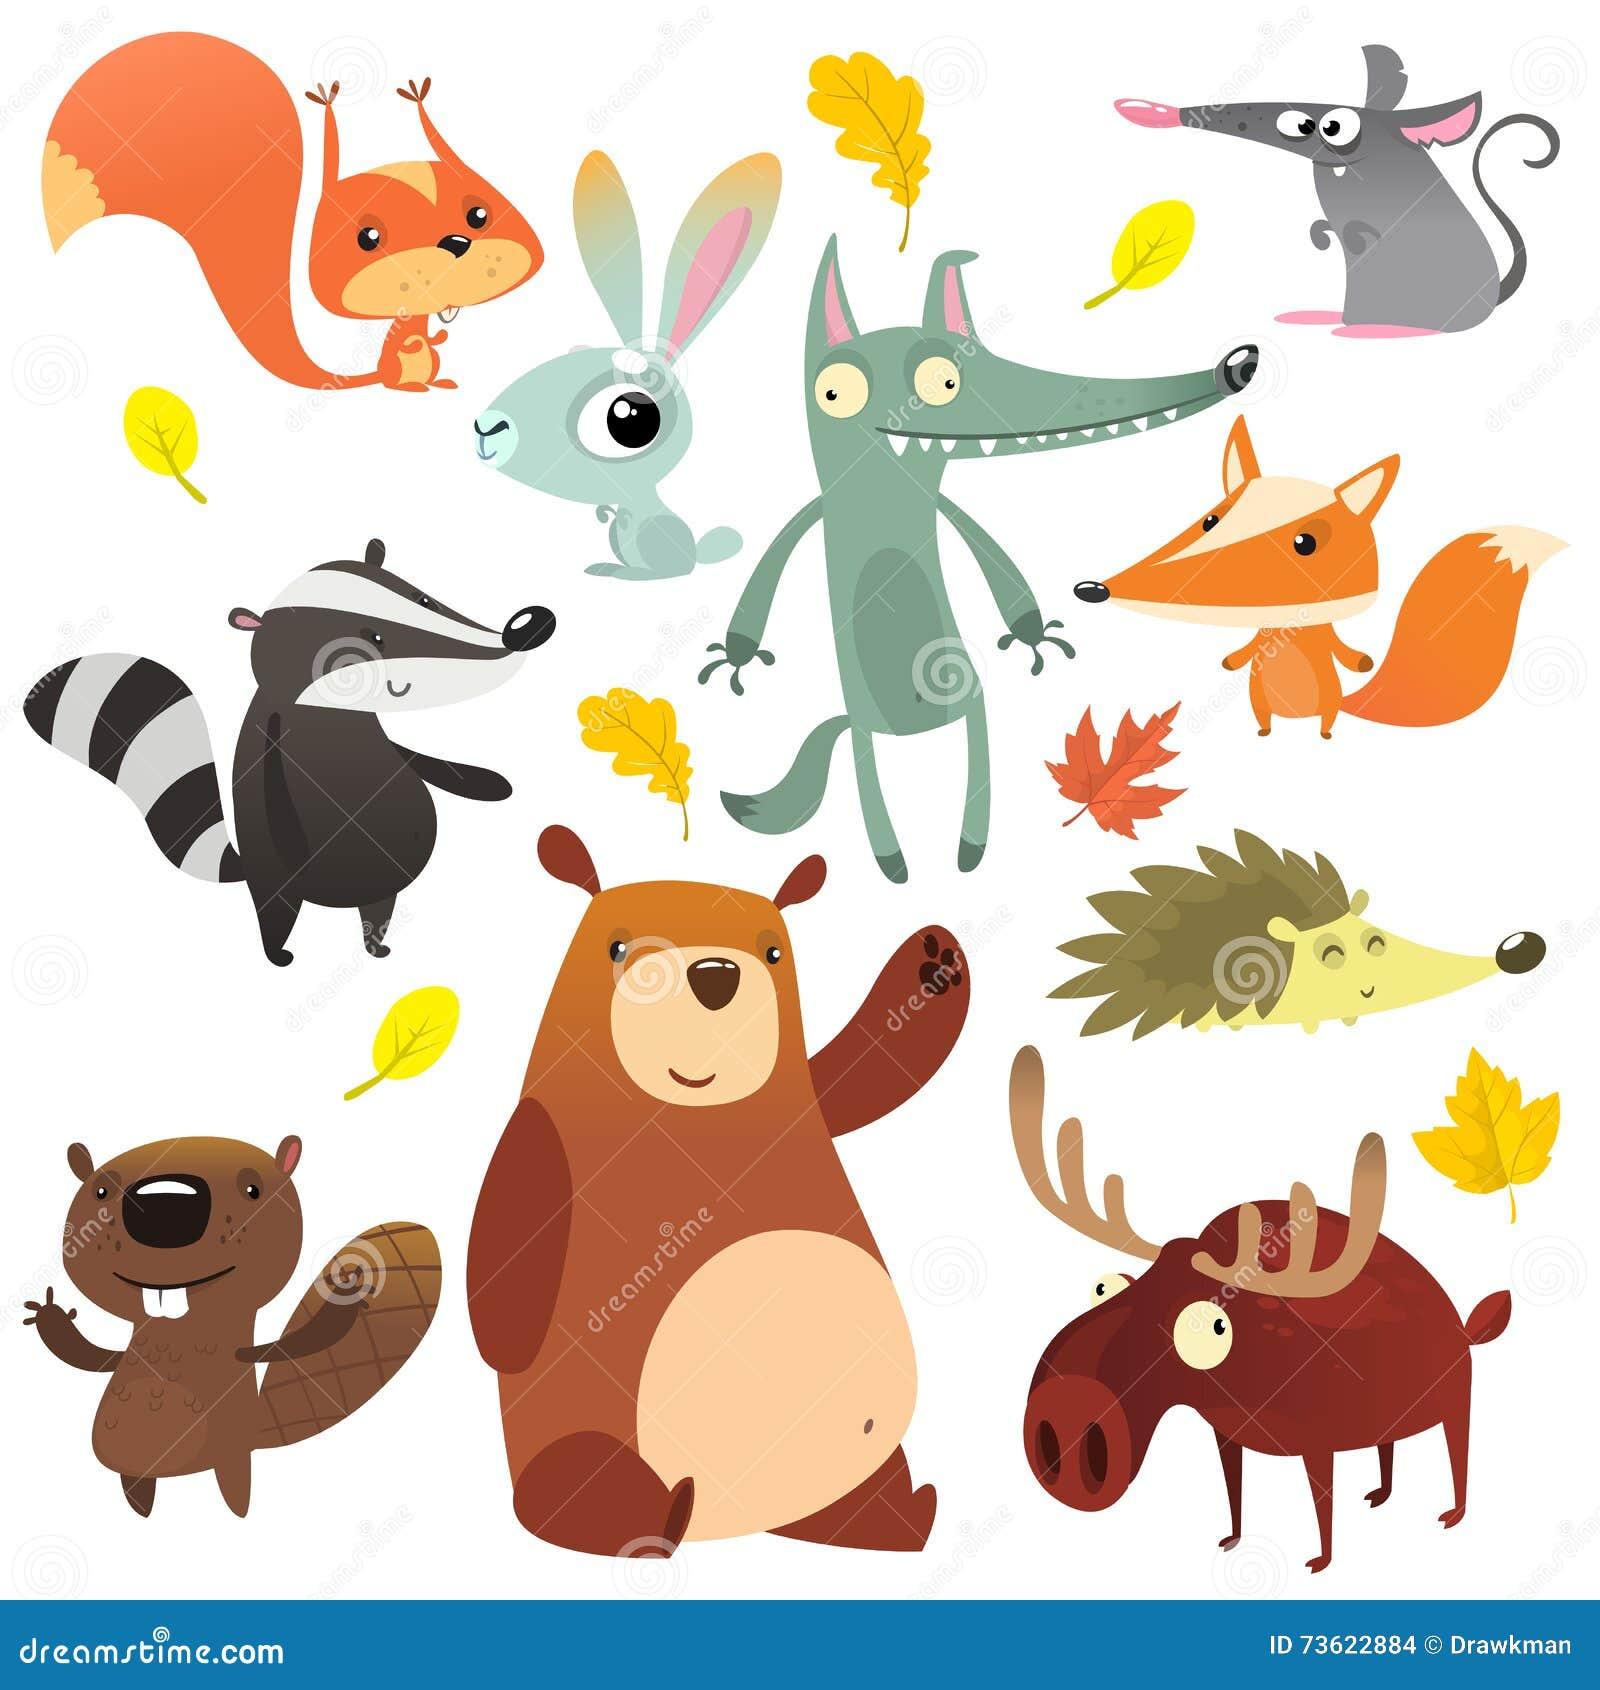 Δασικοί ζωικοί χαρακτήρες κινούμενων σχεδίων Άγριο διάνυσμα συλλογών ζώων κινούμενων σχεδίων Σκίουρος, ποντίκι, ασβός, λύκος, αλε